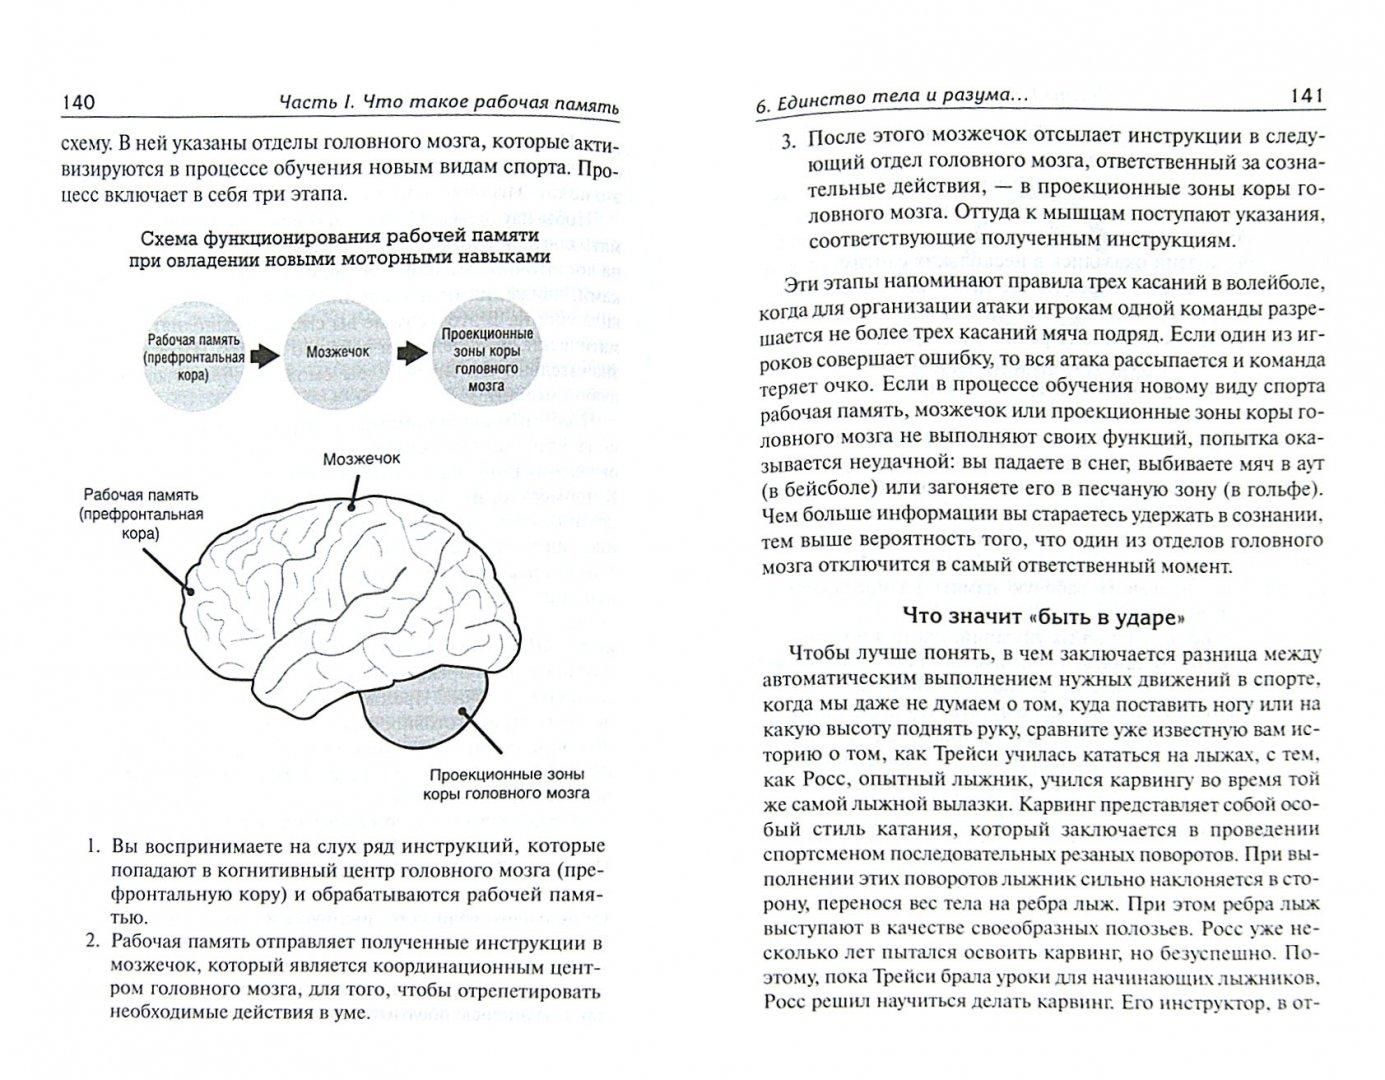 Иллюстрация 1 из 20 для Приёмы и техники для развития памяти - Эллоуэй, Эллоуэй   Лабиринт - книги. Источник: Лабиринт